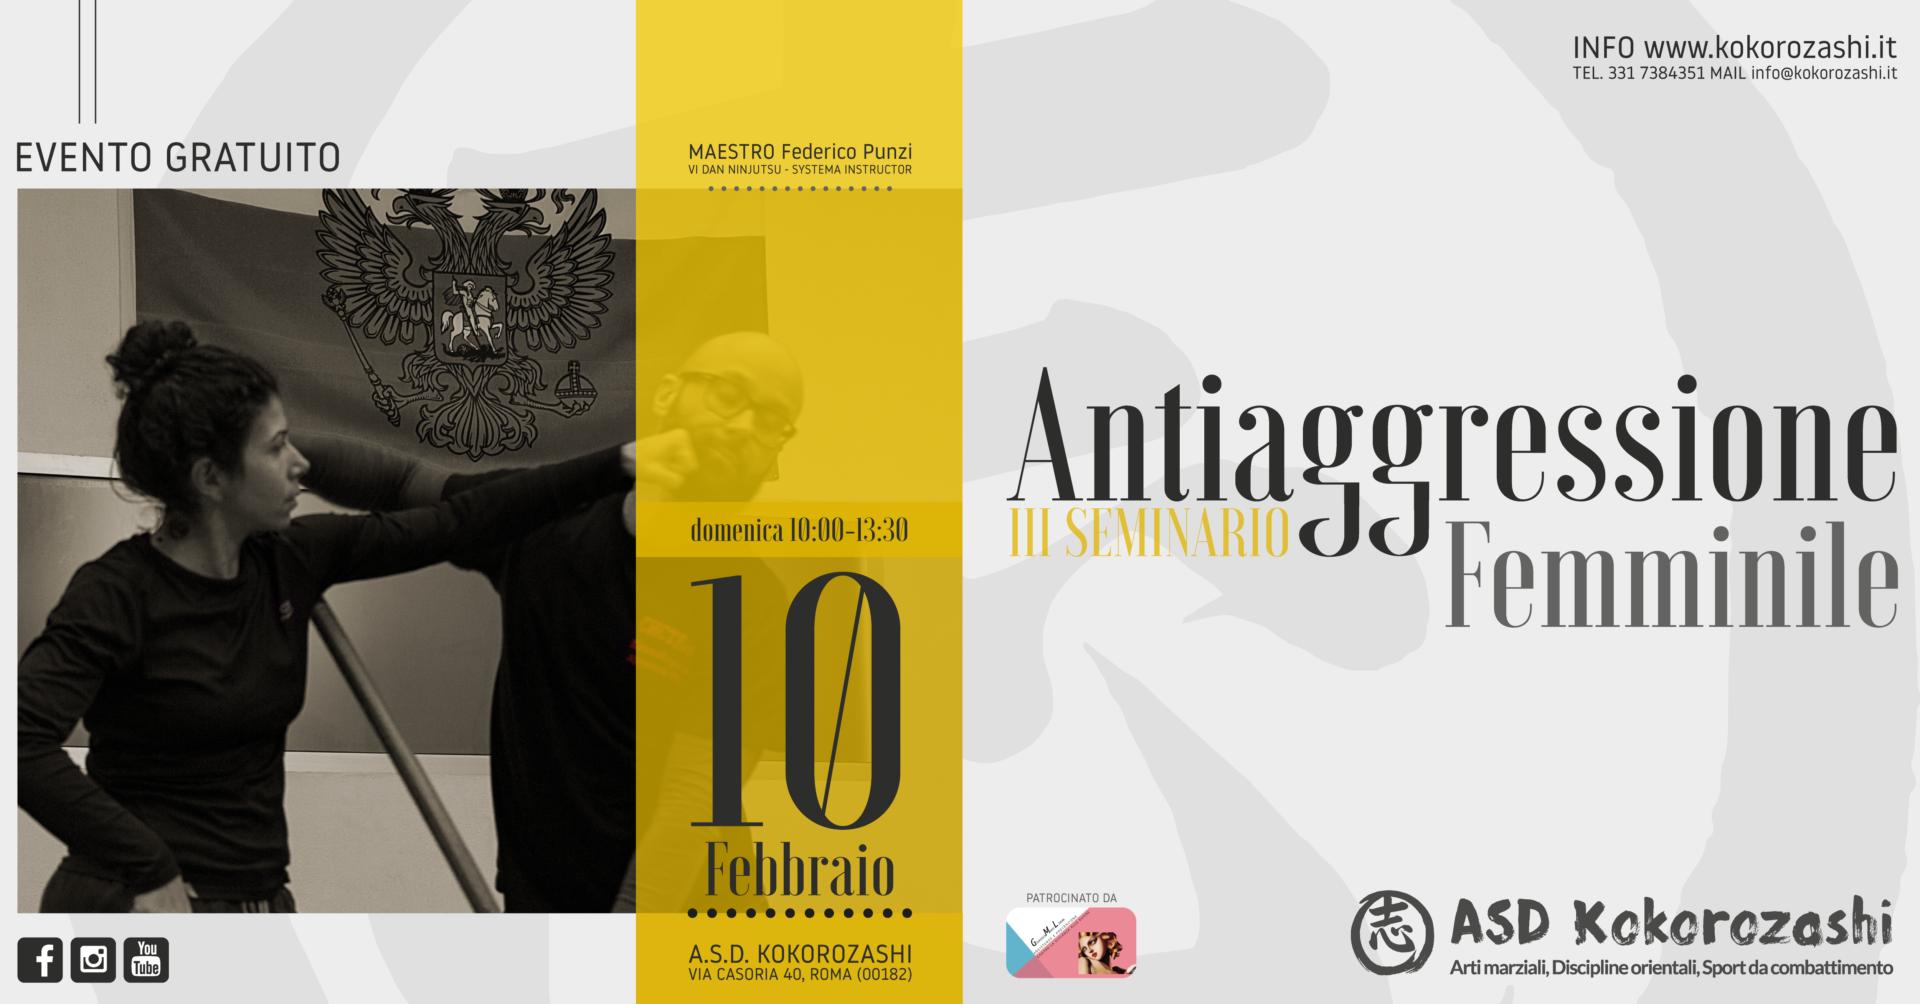 Antiaggressione Femminile - III Seminario gratuito